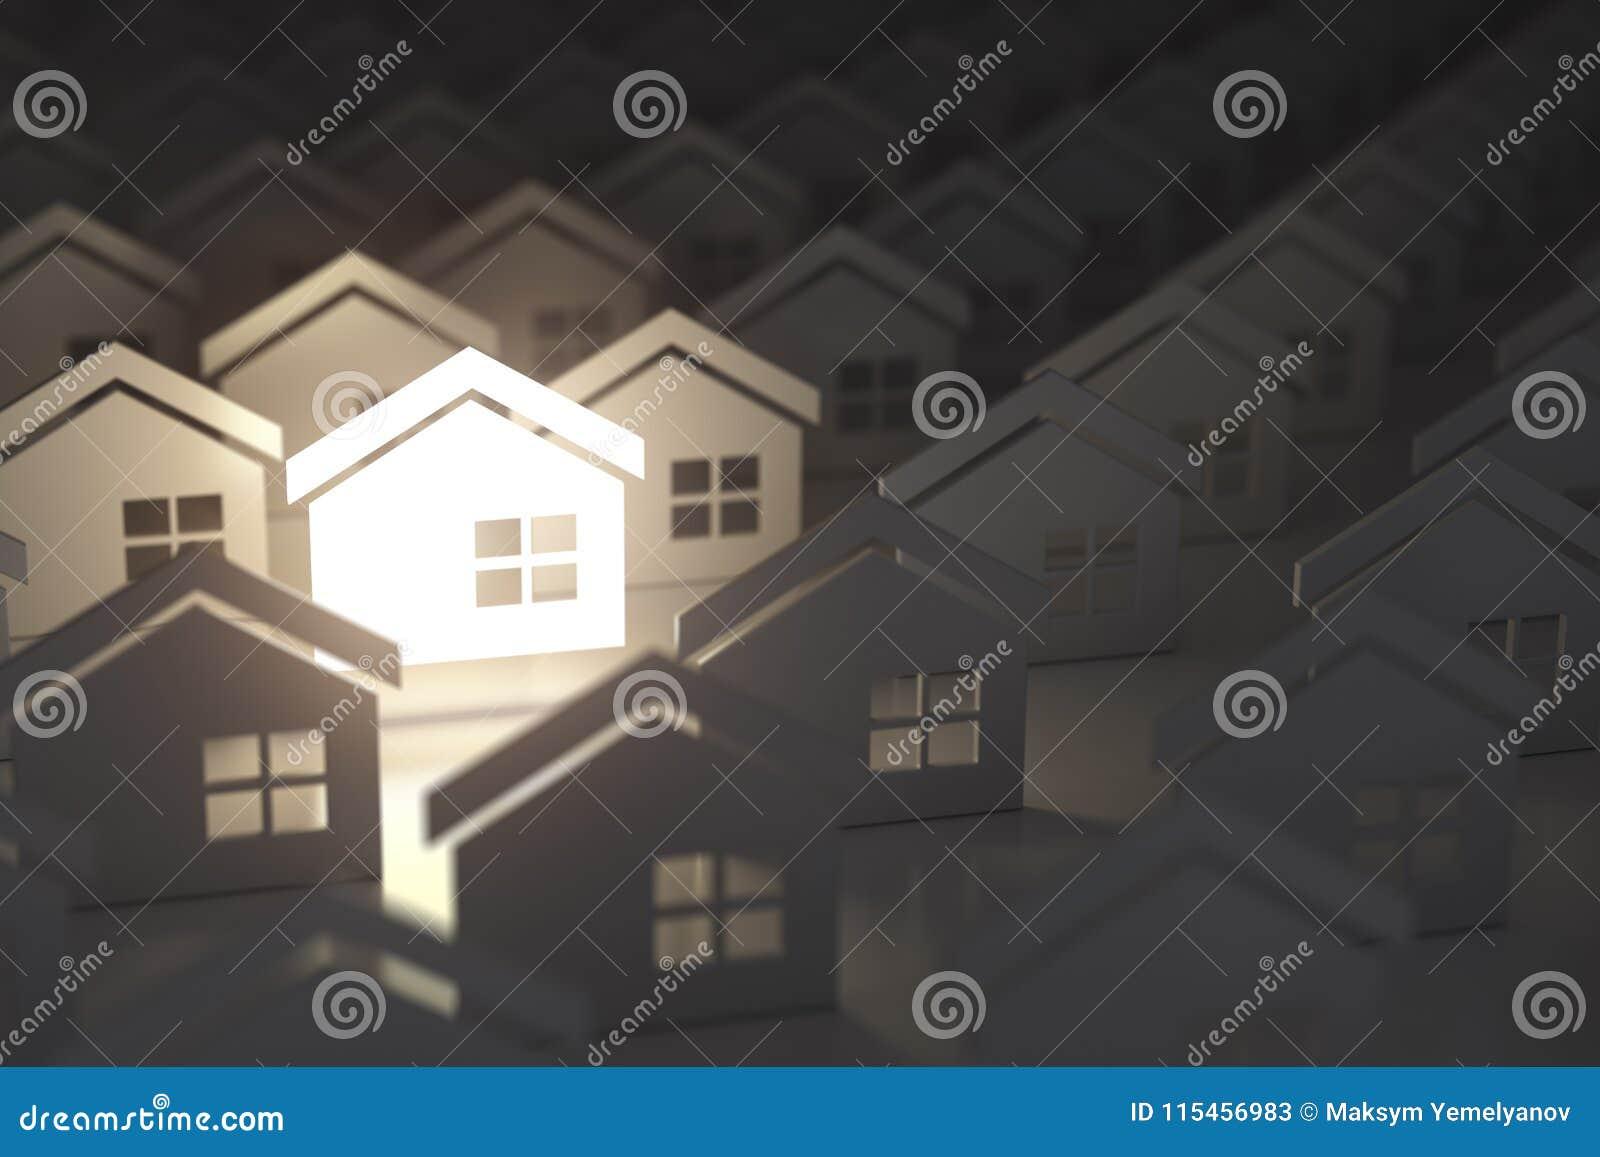 La casa di illuminazione unica firma dentro il gruppo di case